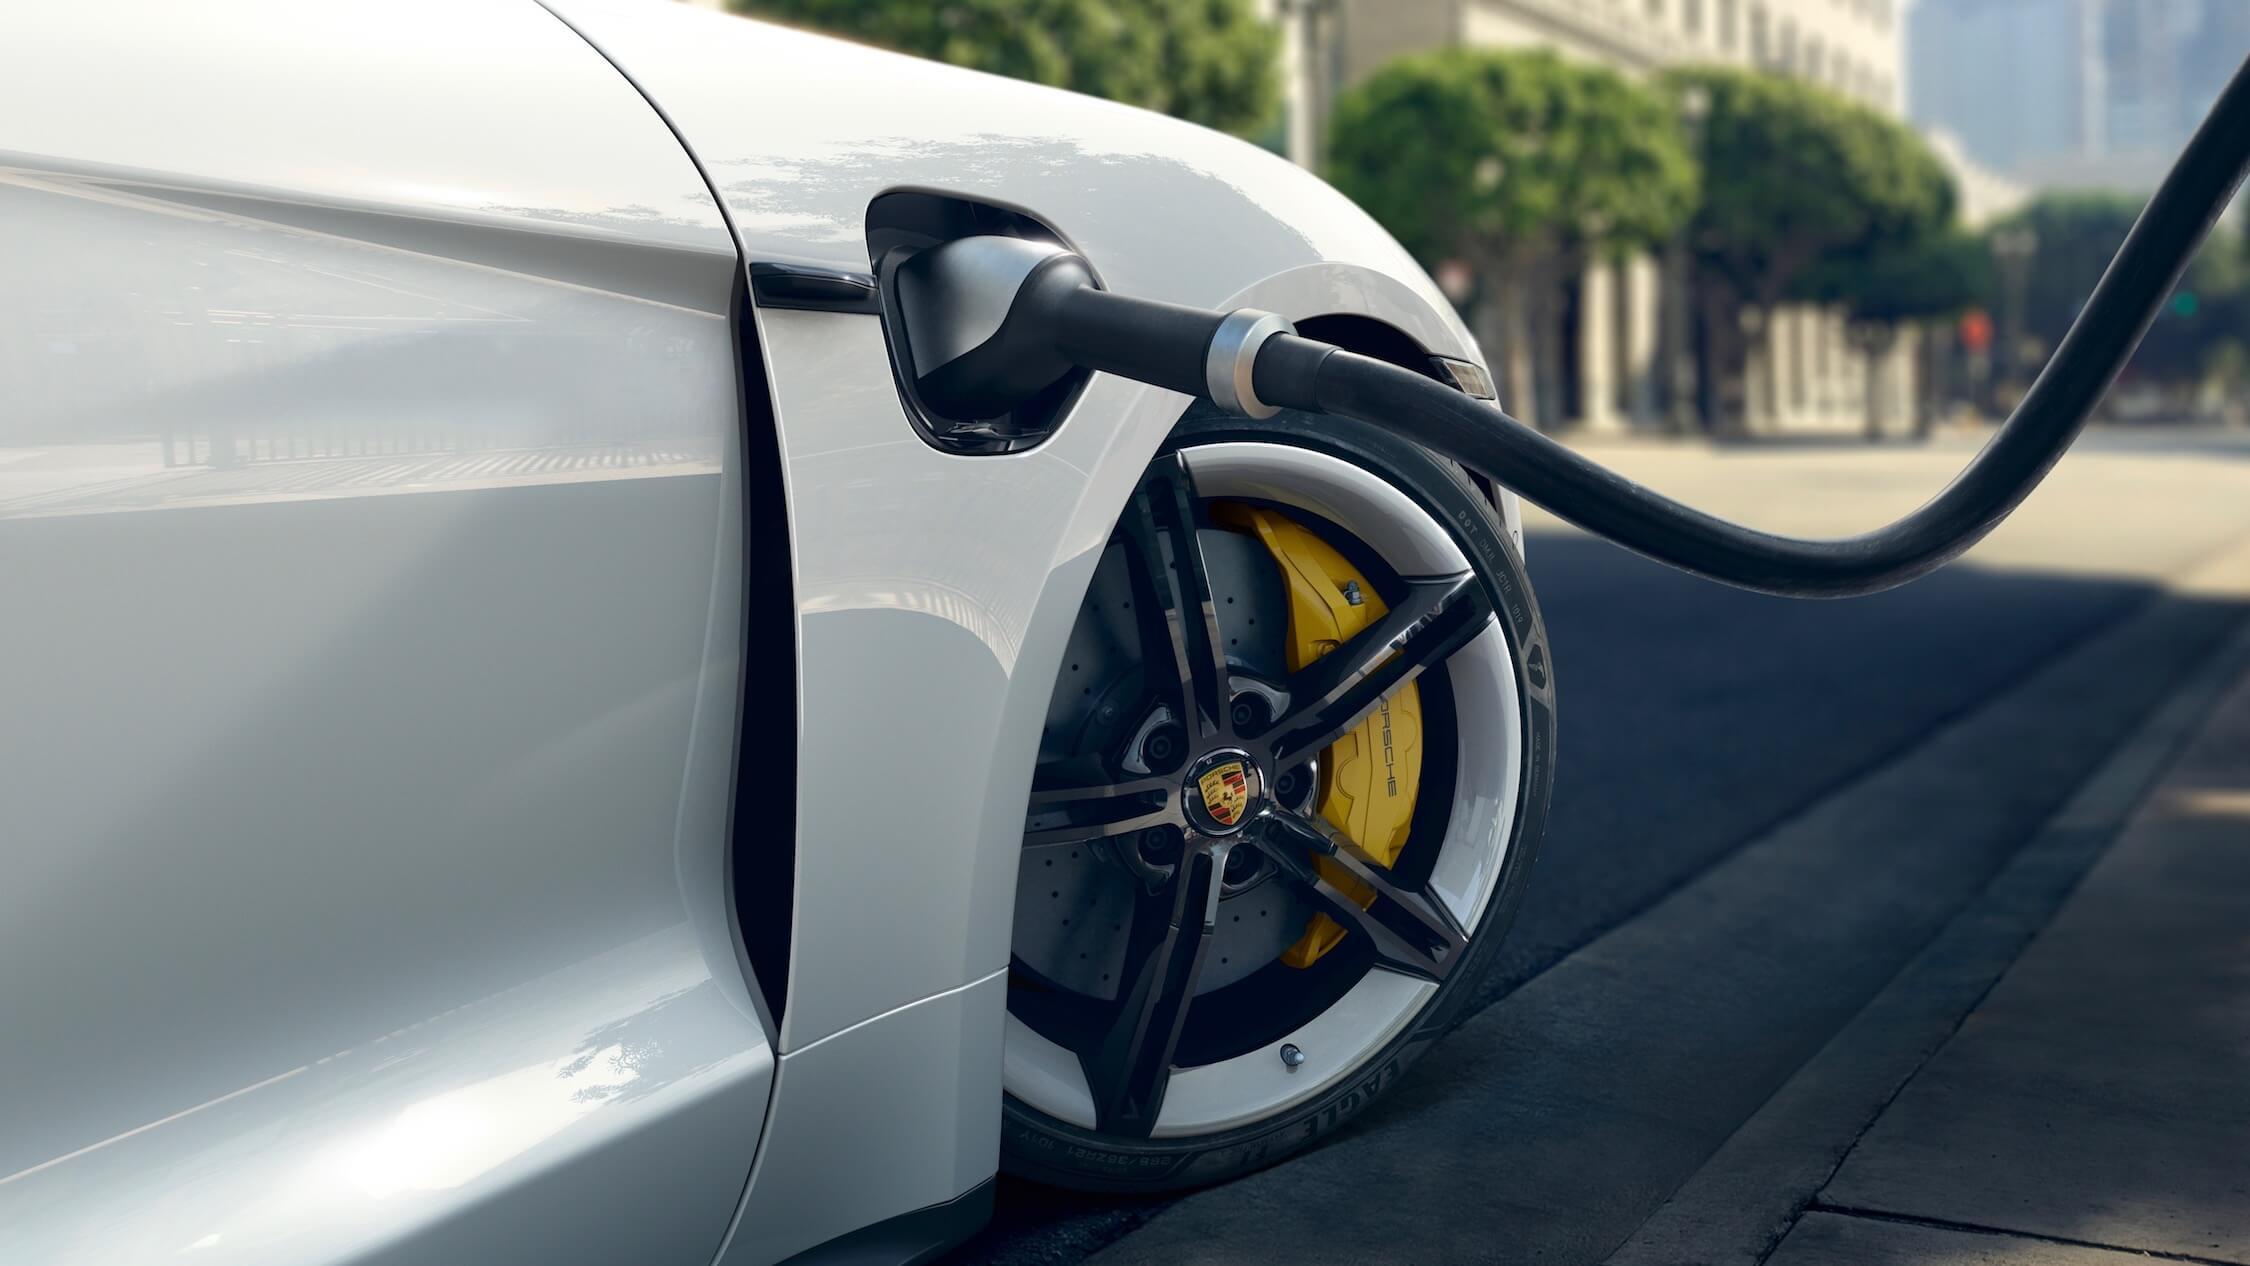 Porsche Taycan cabo de carregamento